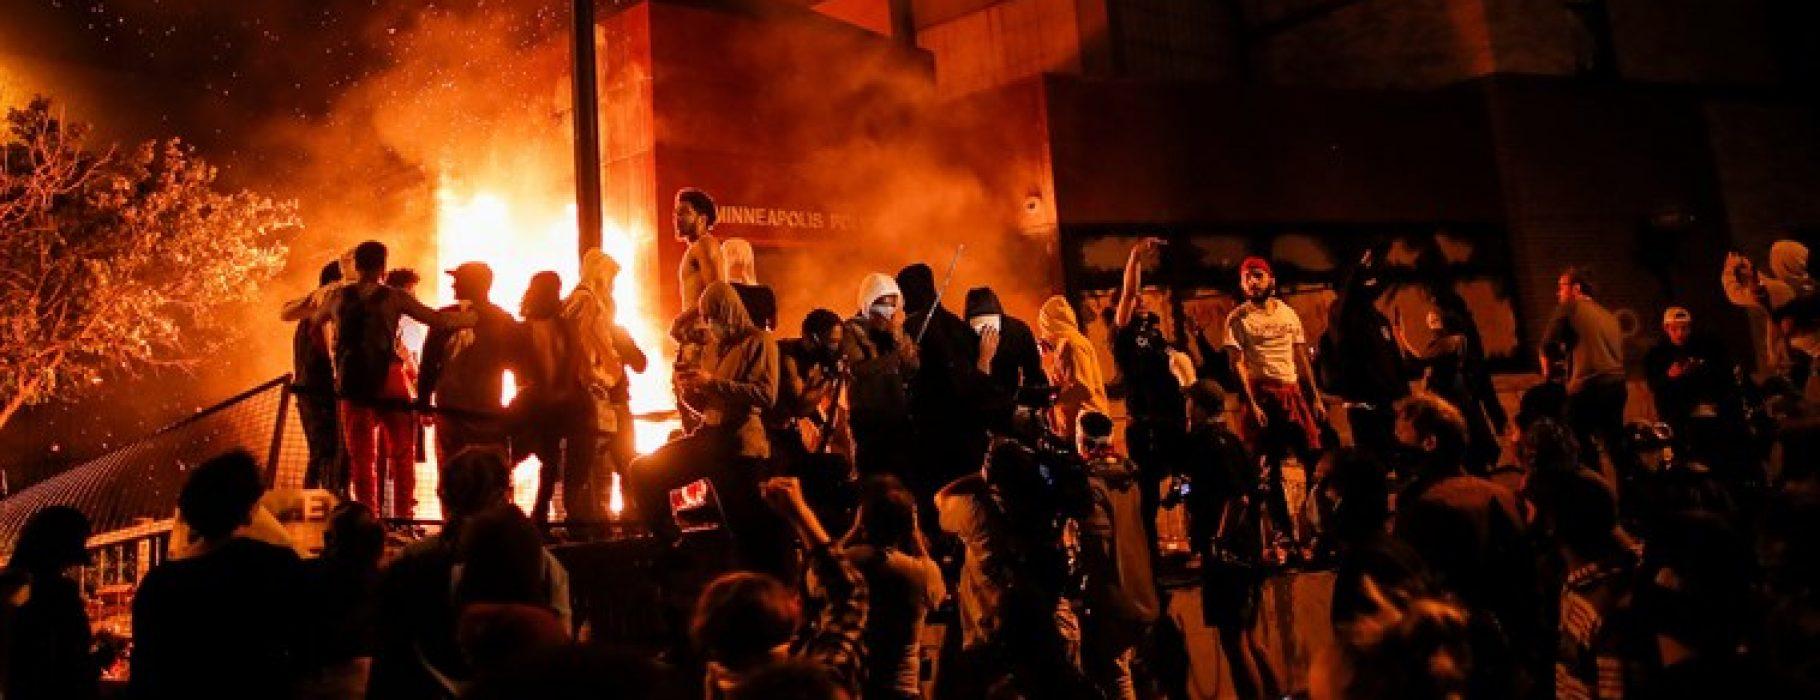 200529-third-precinct-police-fire-ac-1205p_a2f7c827d5a250758475e2d52b553136.focal-758x379